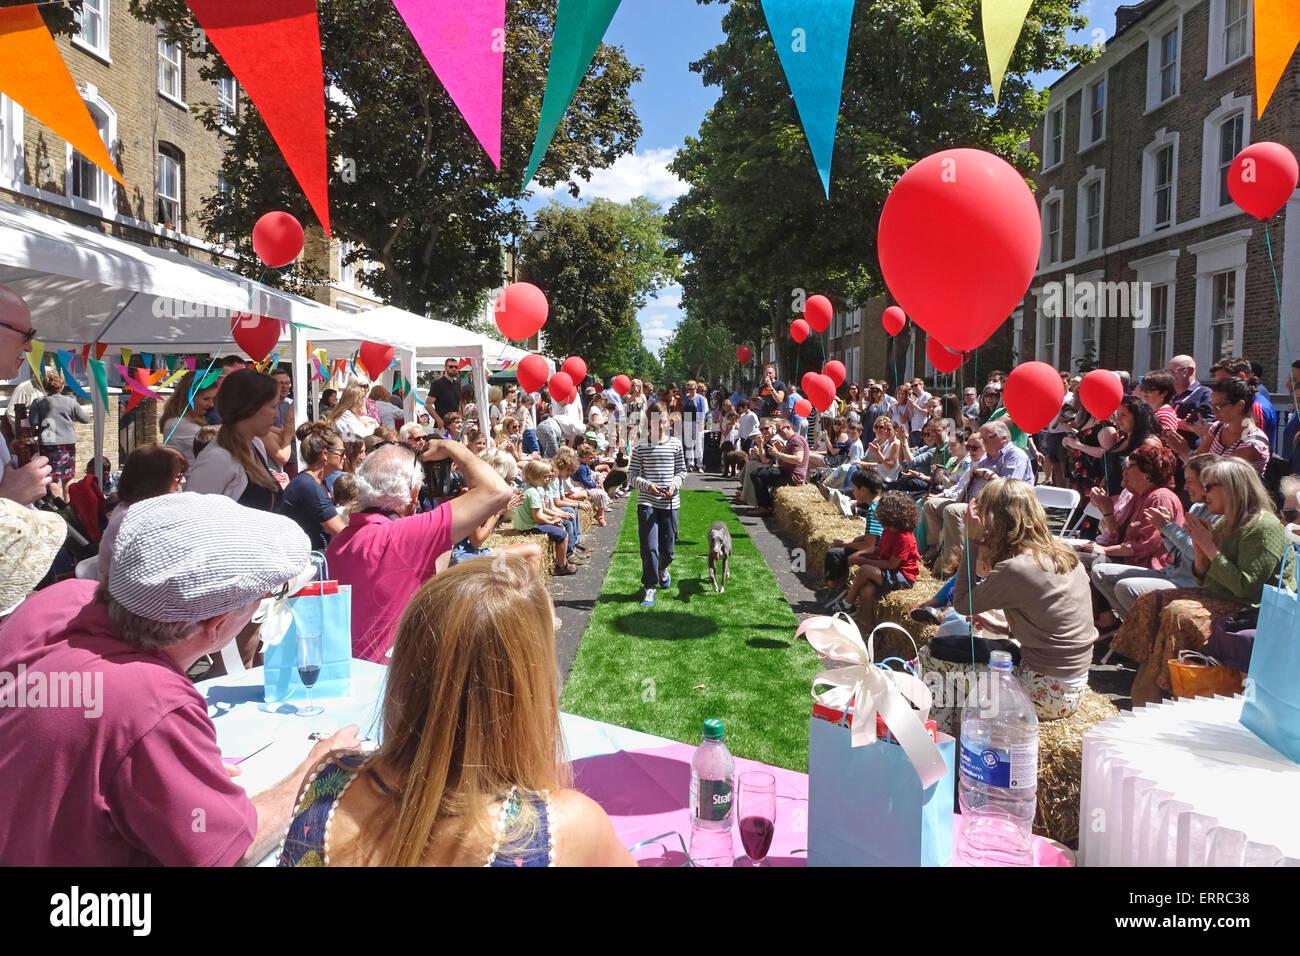 Islington, Londra, 7 giugno 2015. Un gloriosamente giornata soleggiata al grande pranzo Street Party in Englefield Immagini Stock